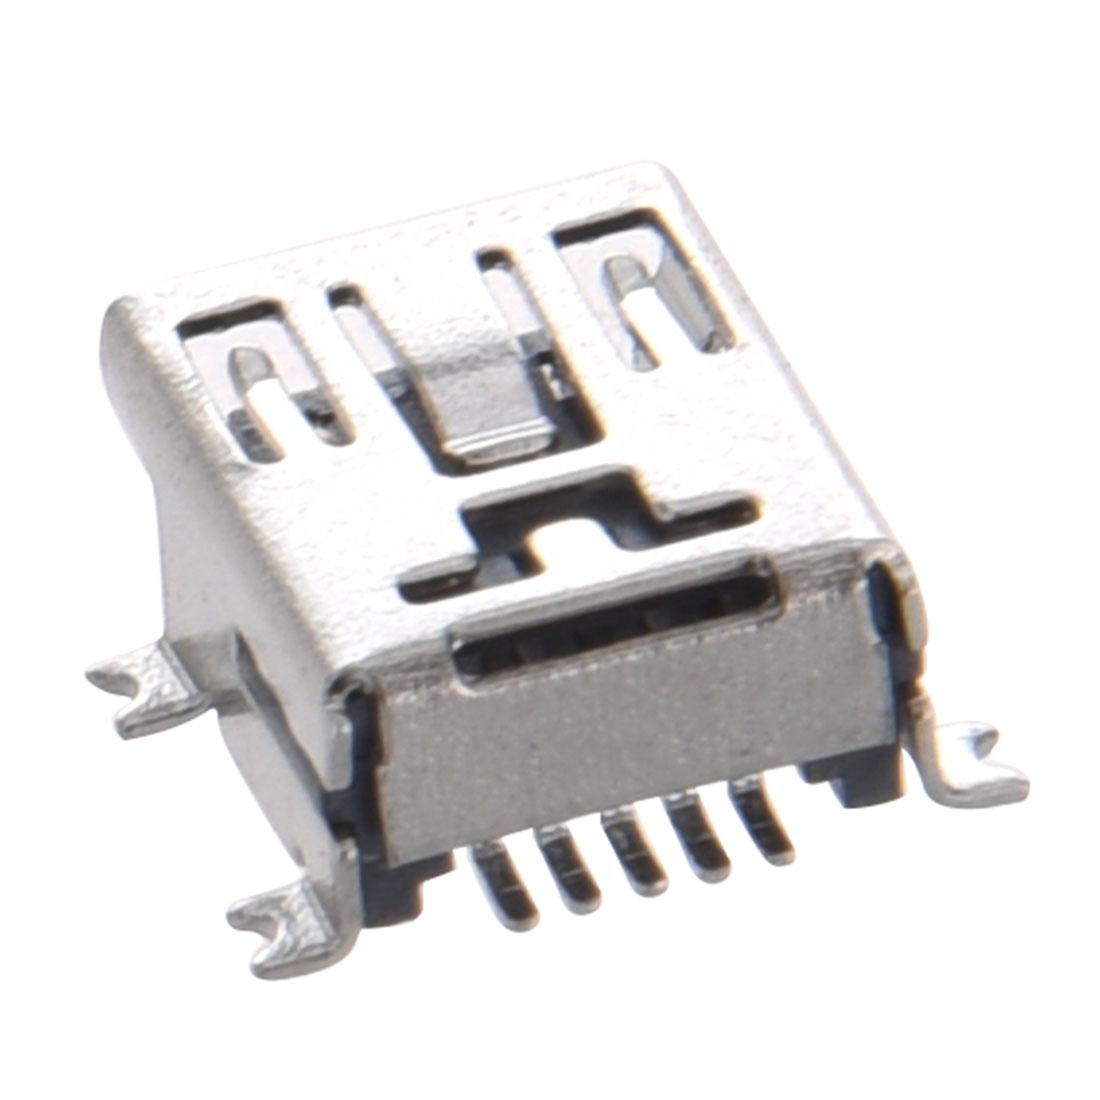 5 Pz Mini Usb Type B Femminile Porta 5 Pin 180 Gradi Smd